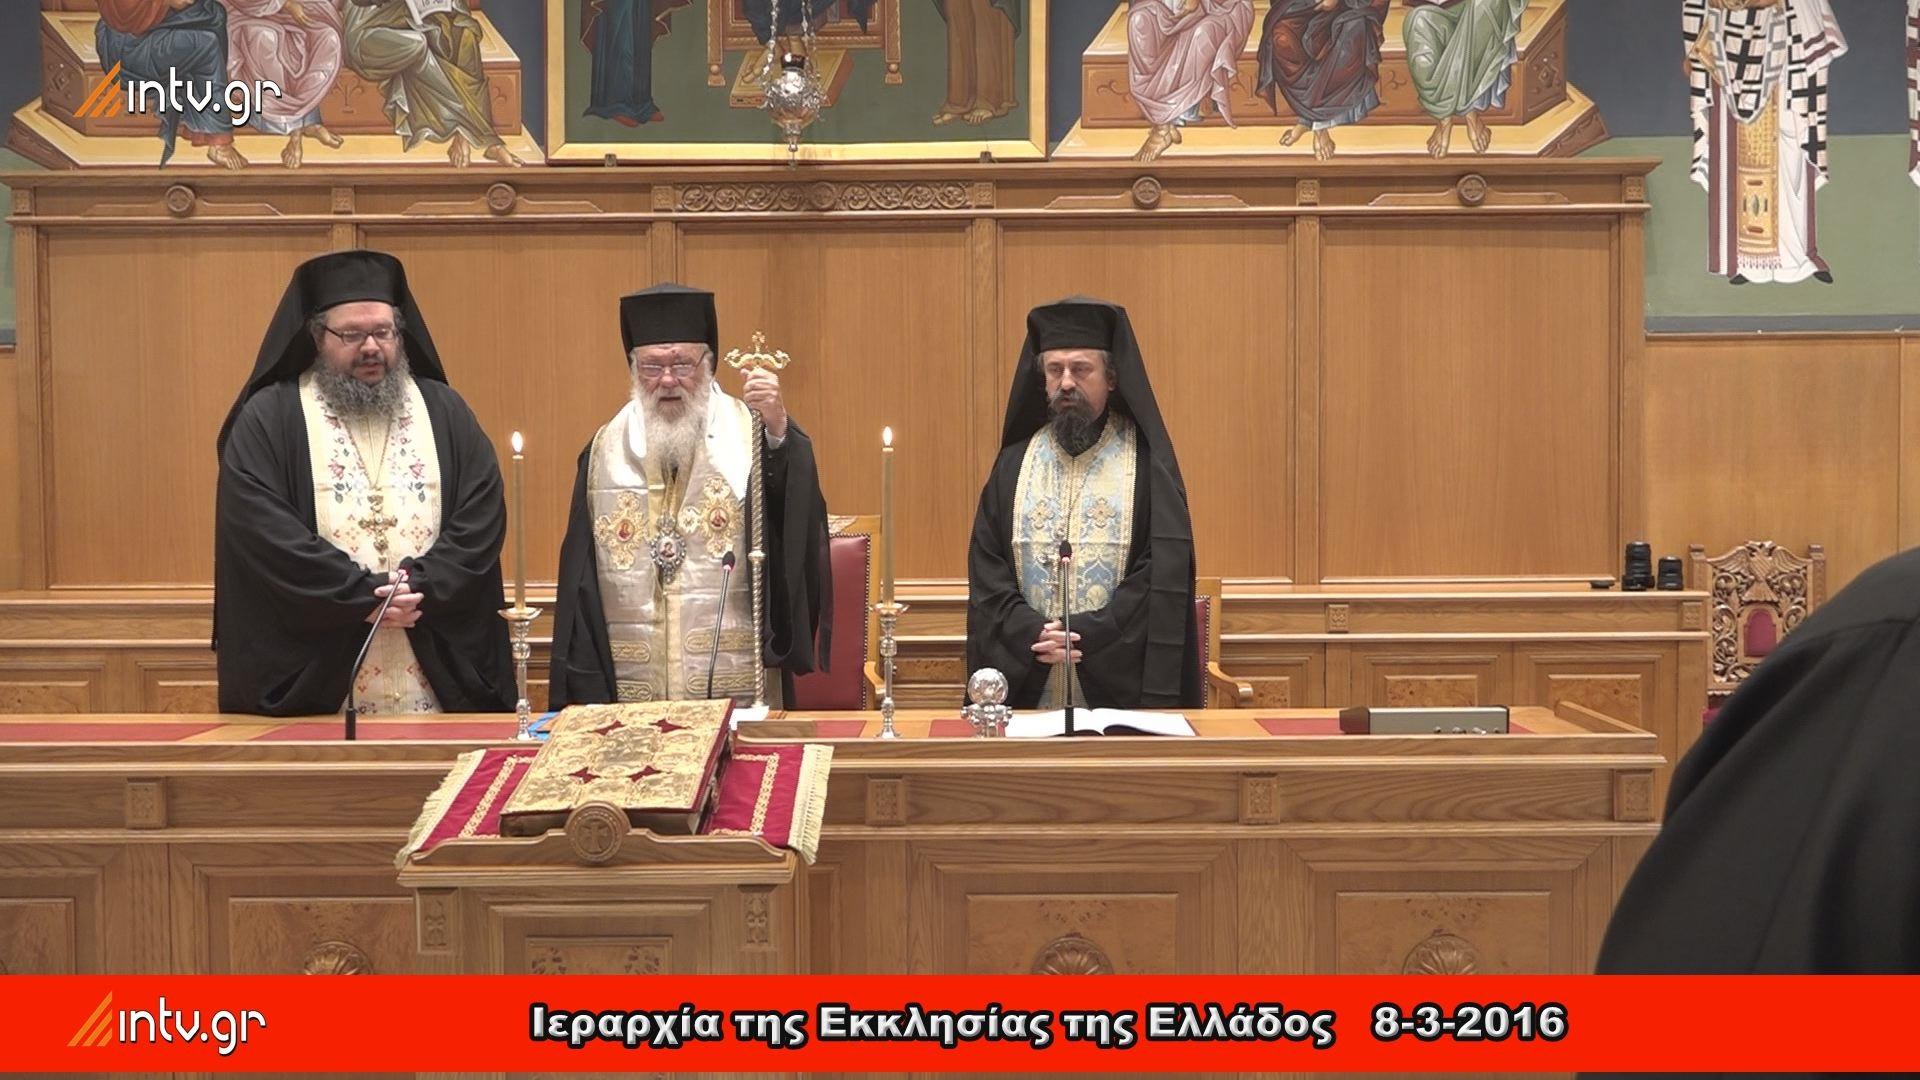 Ιεραρχία της Εκκλησίας της Ελλάδος